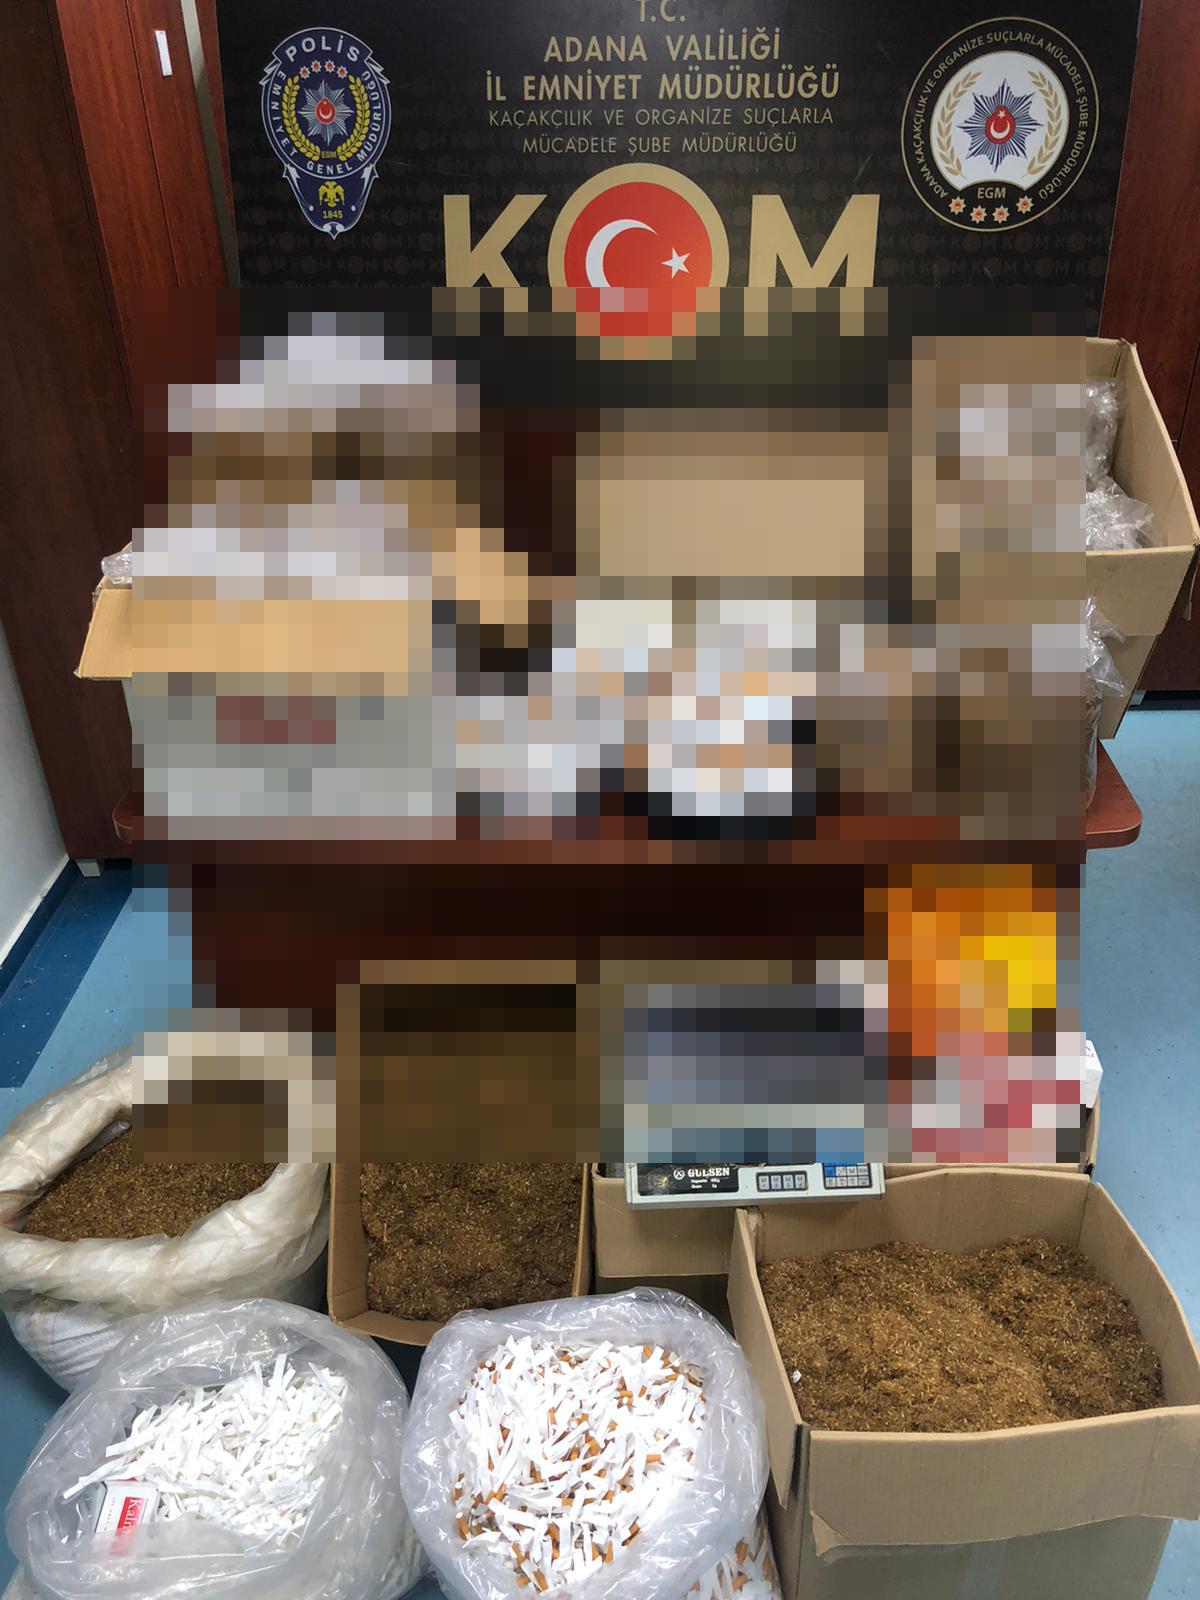 Adana'da 'kaçak tütün' operasyonu: 3 gözaltı